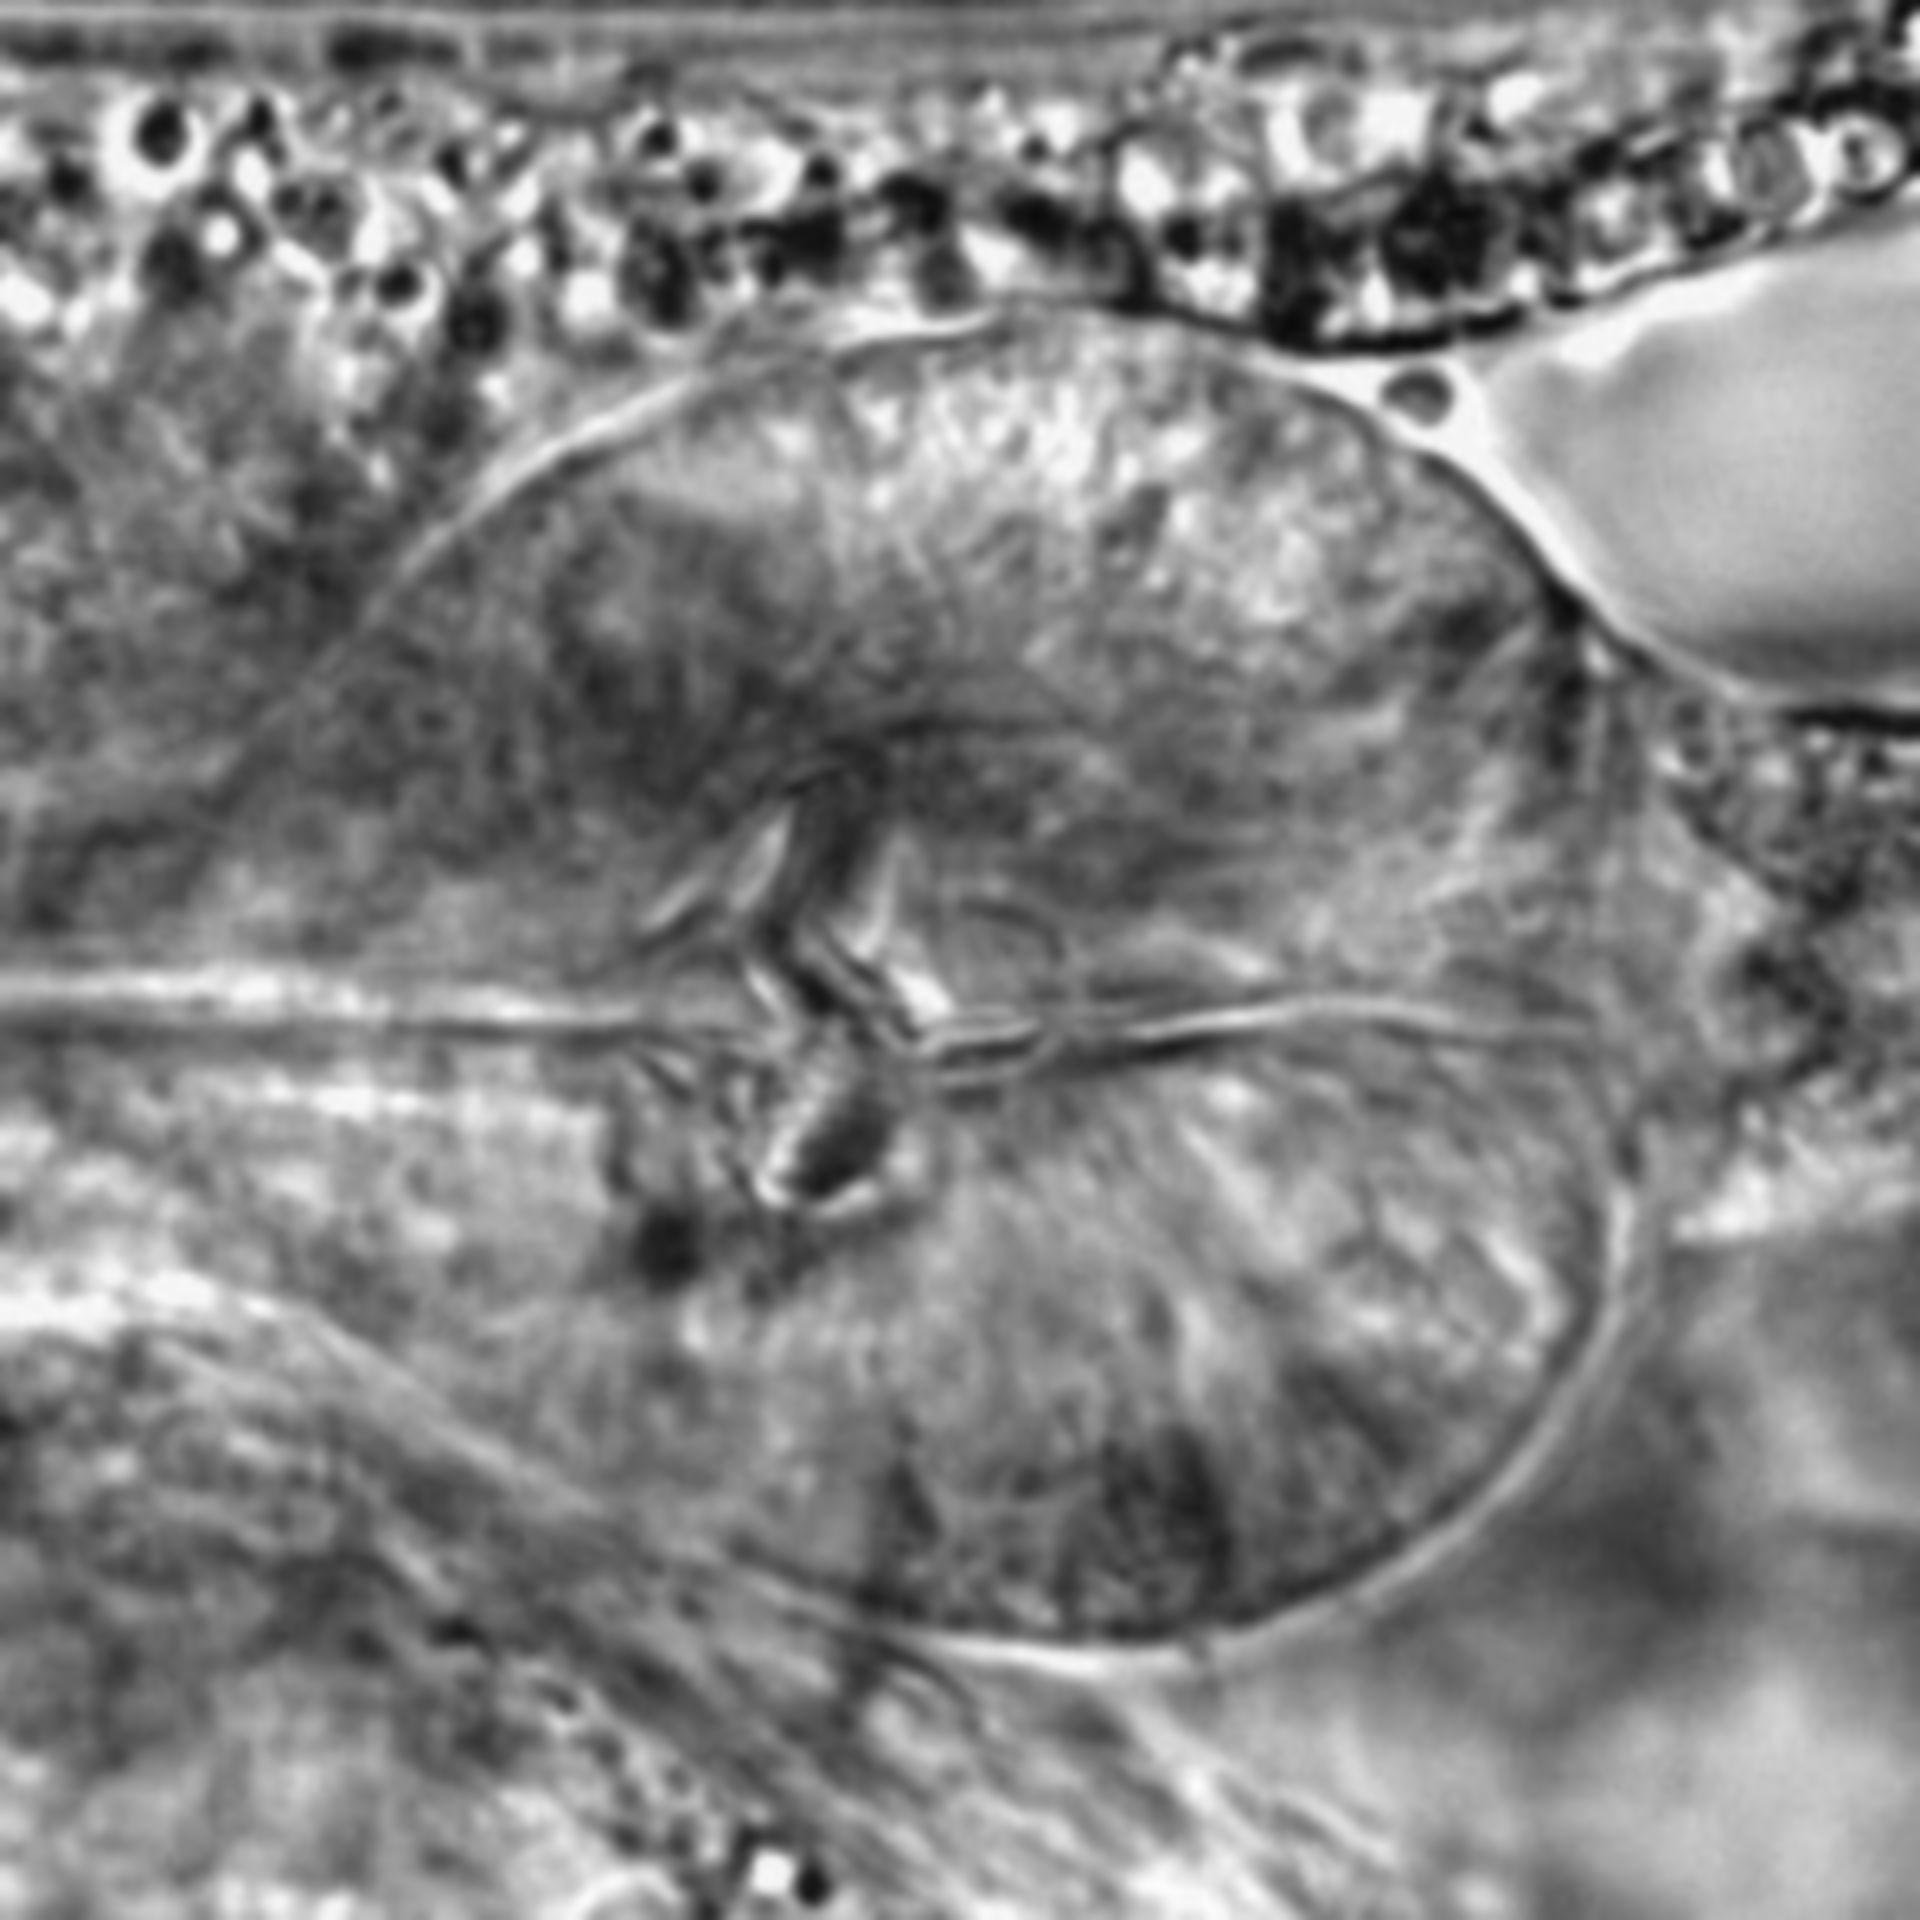 Caenorhabditis elegans - CIL:1727